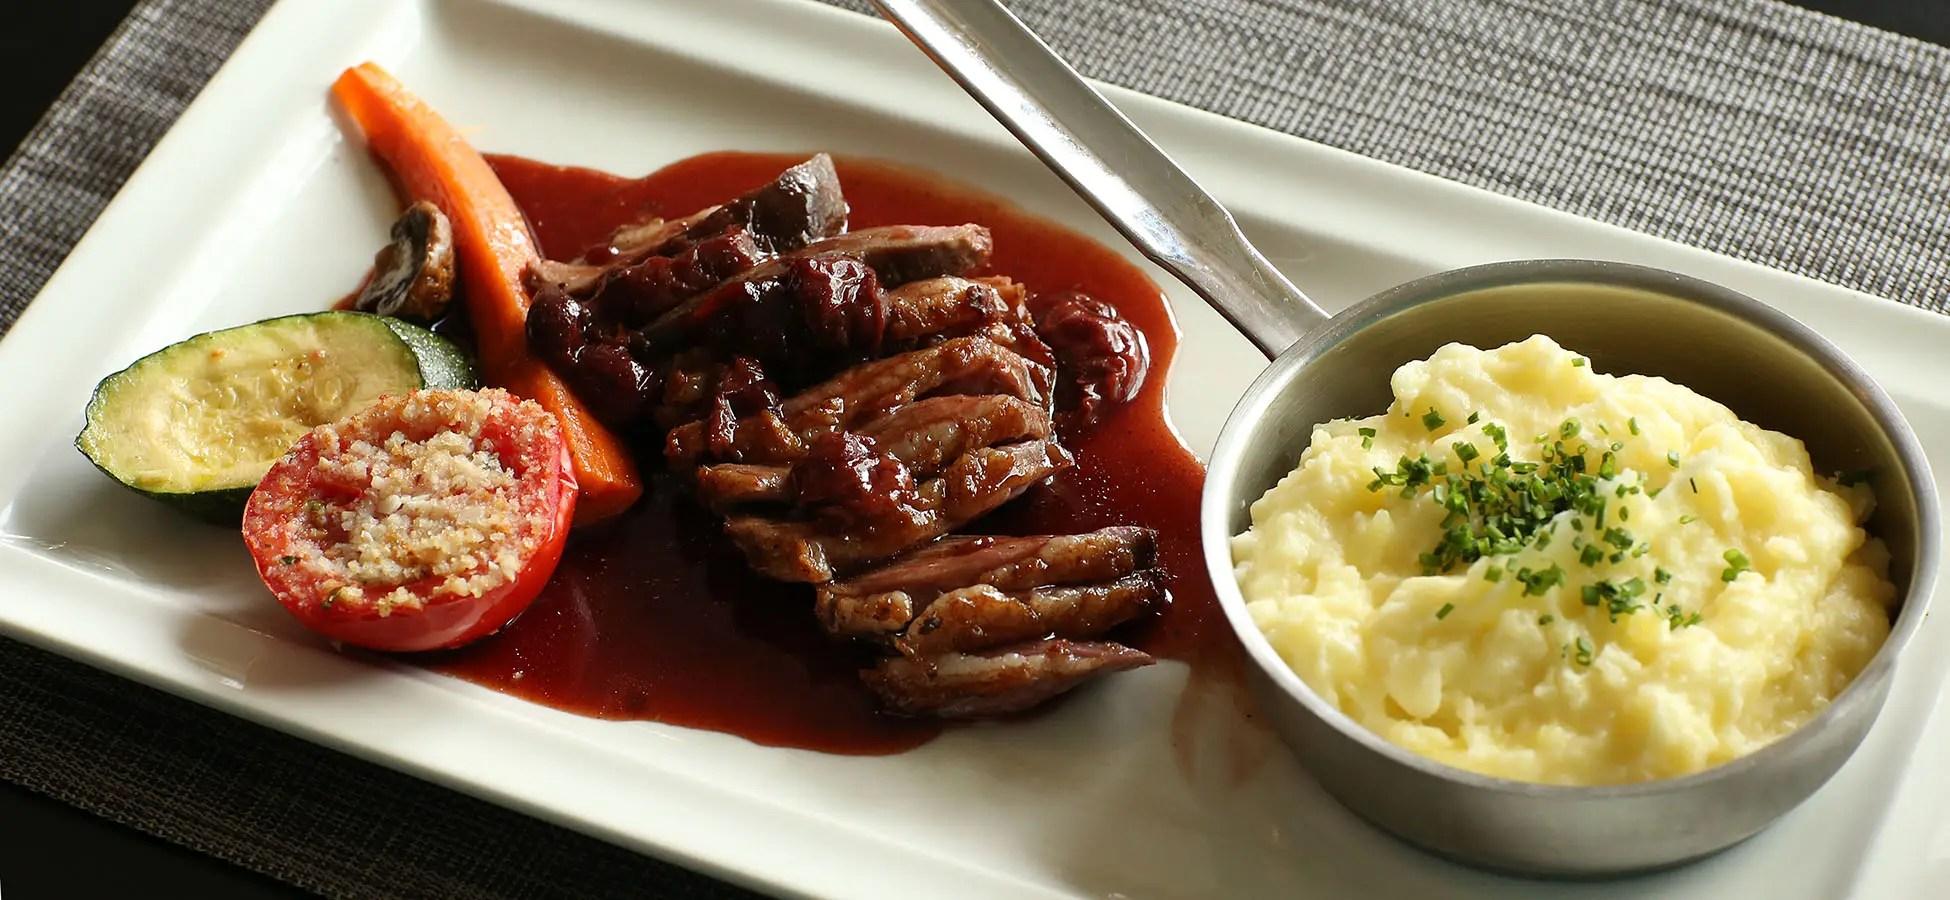 Bandeau Agence Photo : Photographie culinaire d'une assiette en Périgord